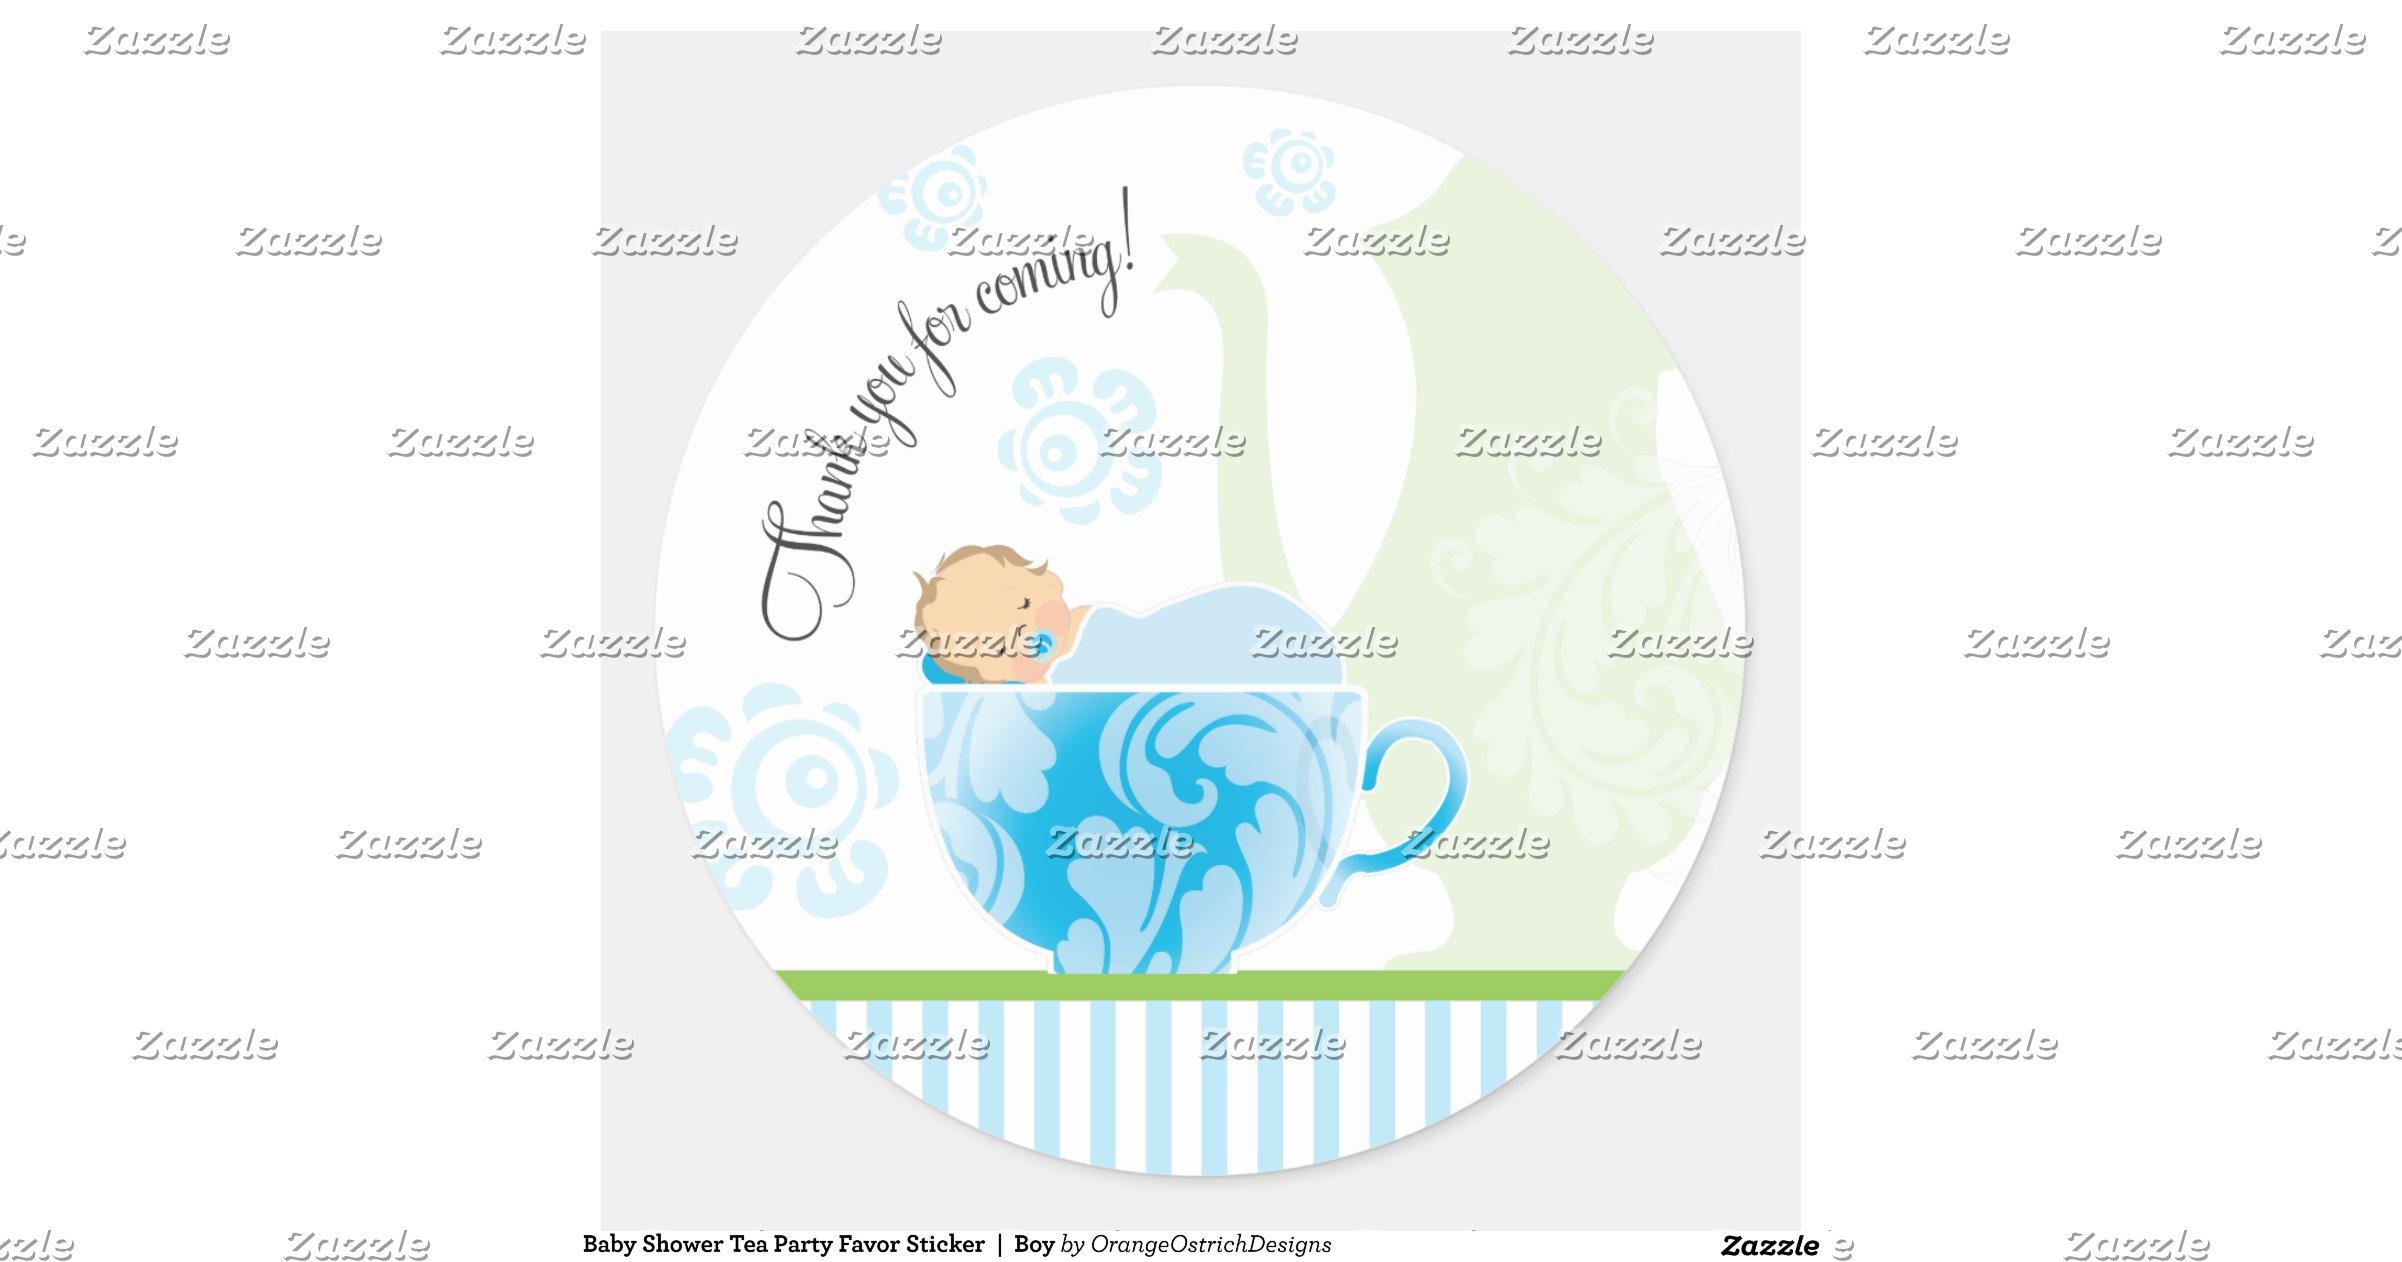 baby shower tea party favor sticker boy